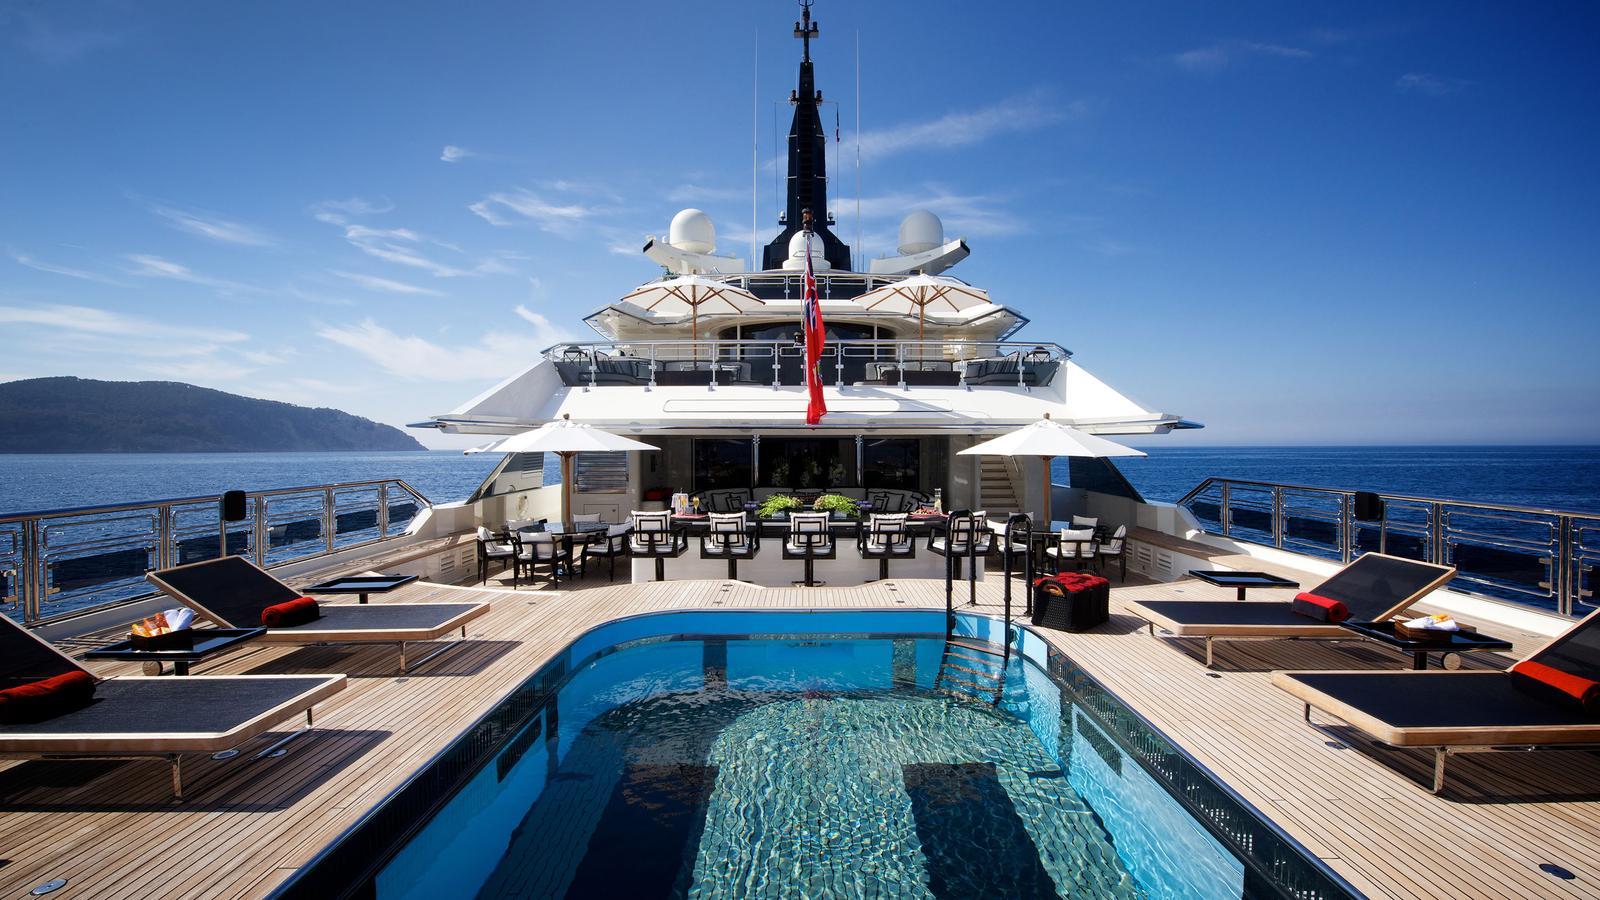 Alquiler de barcos y yates de lujo Oceanco en Ibiza